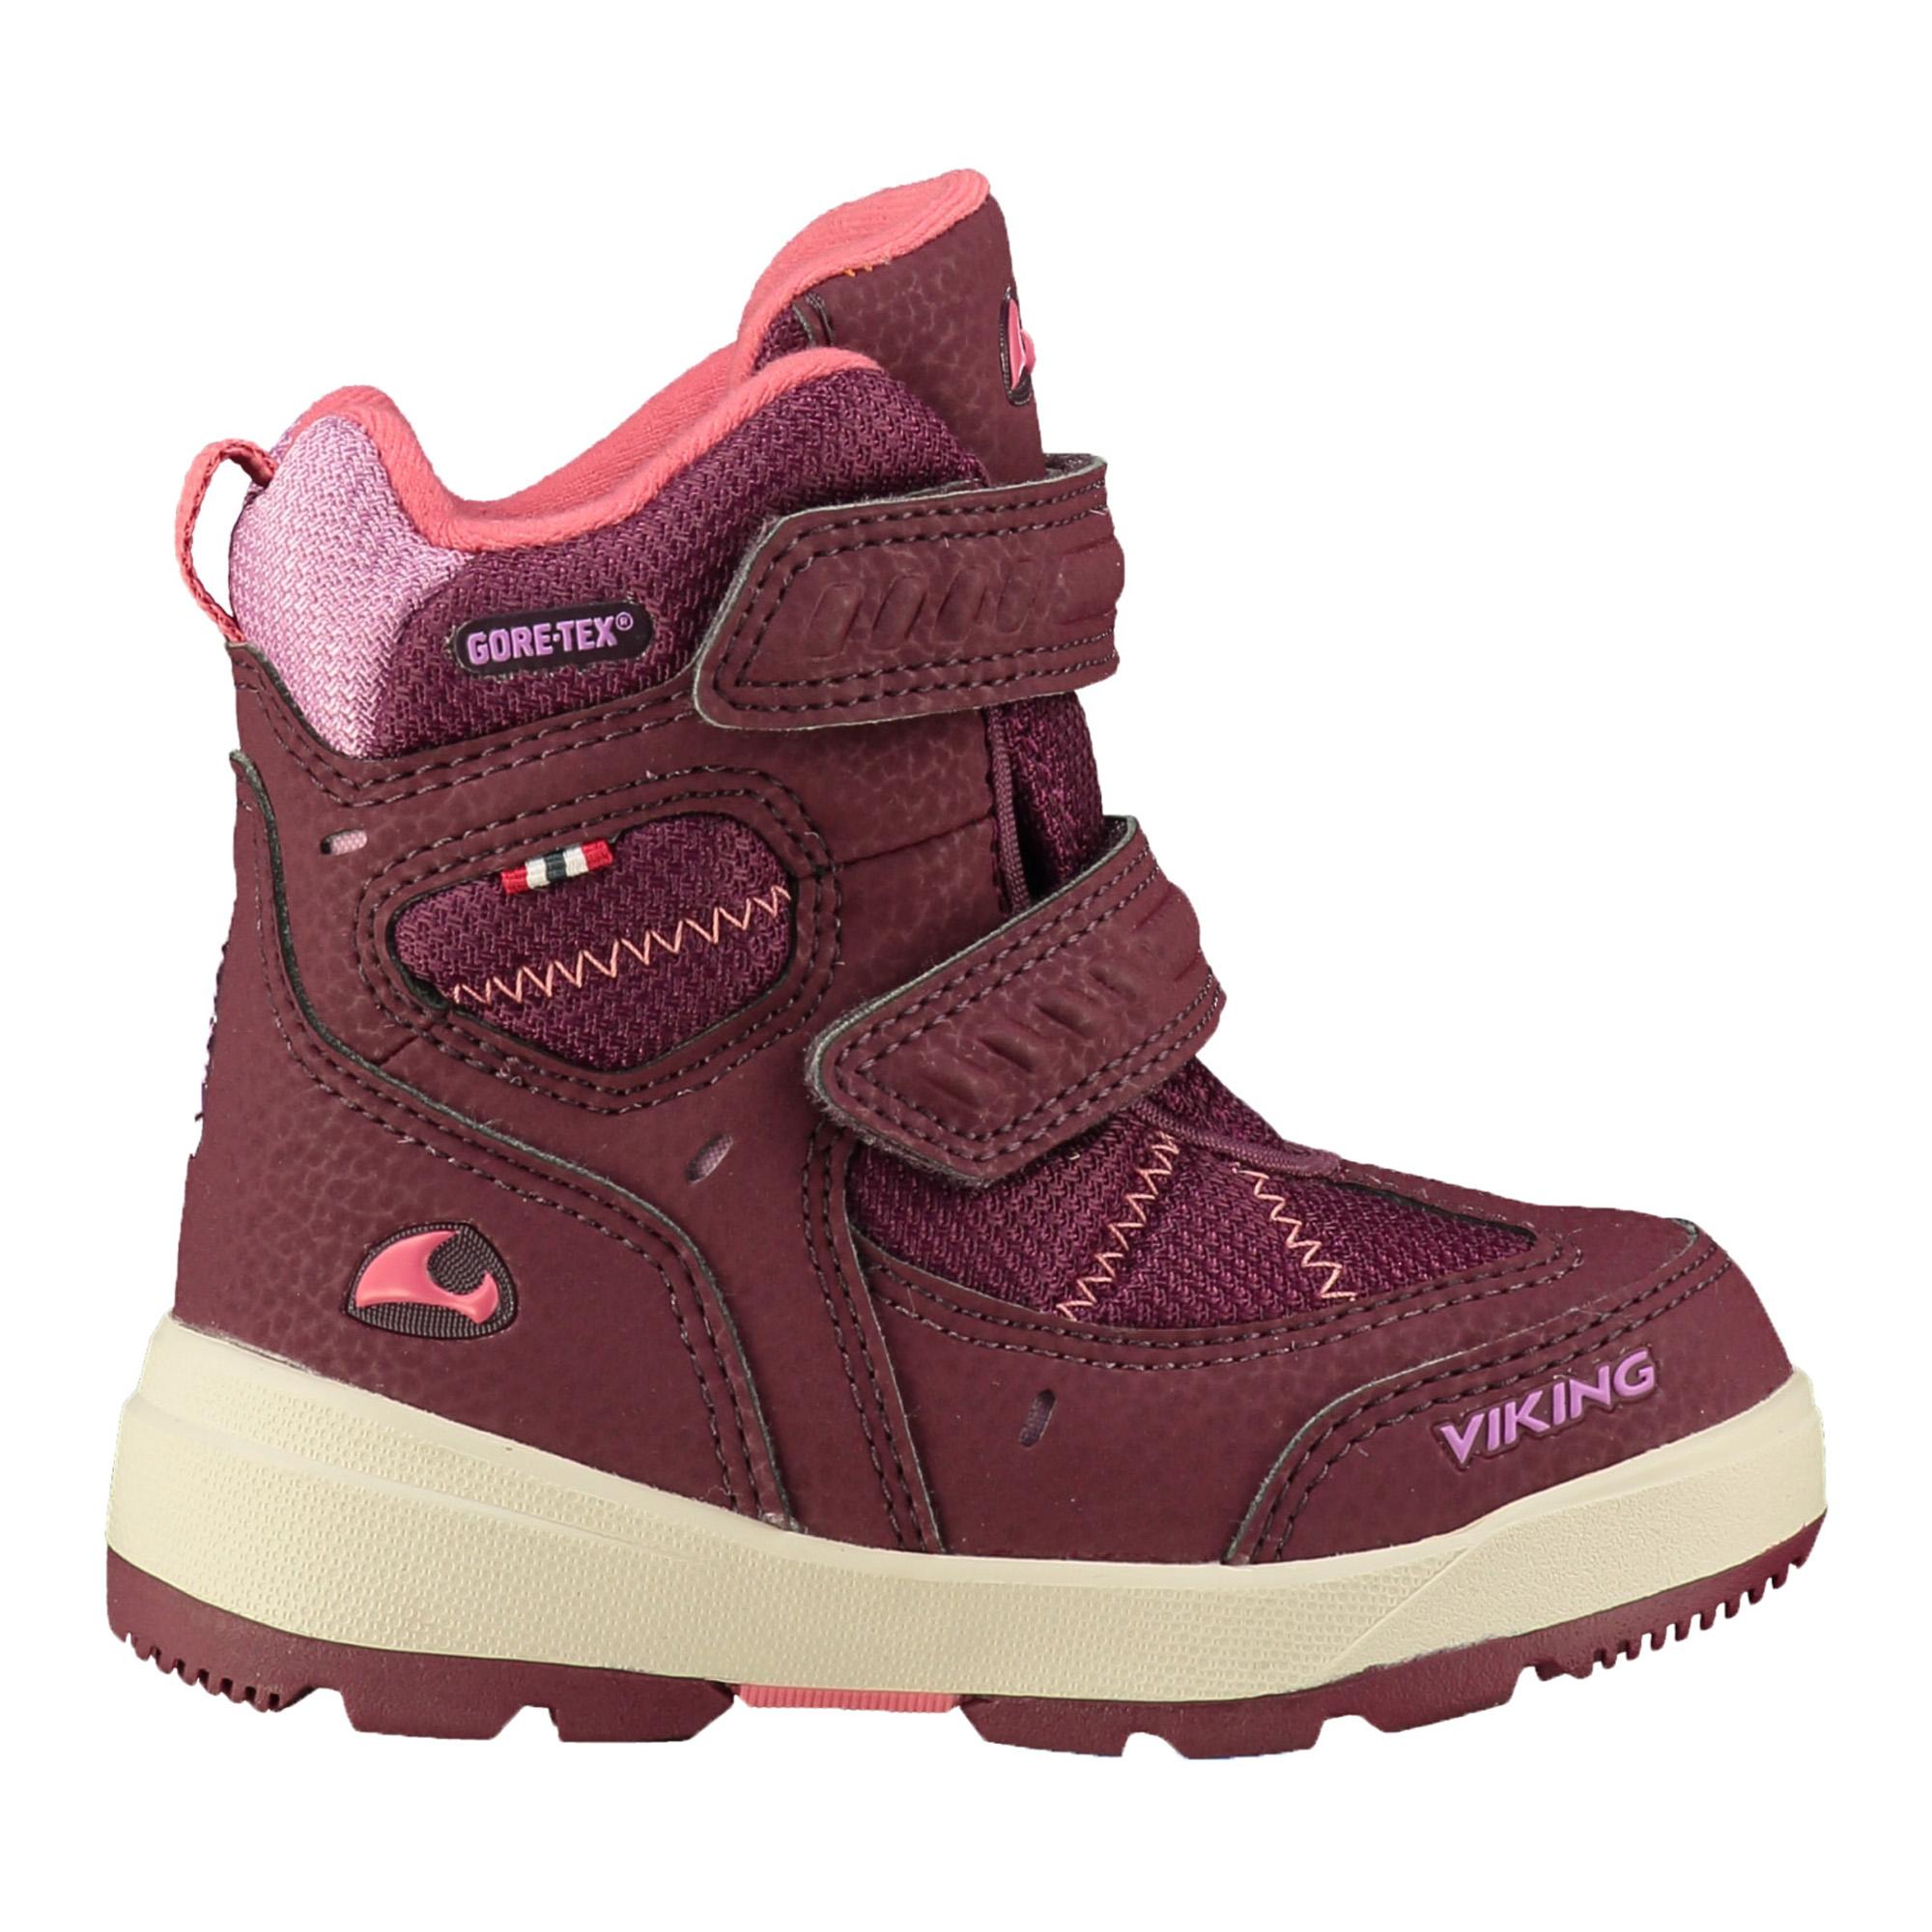 4f0050079 Saapad - Saapad - Laste jalatsid - Jalatsid